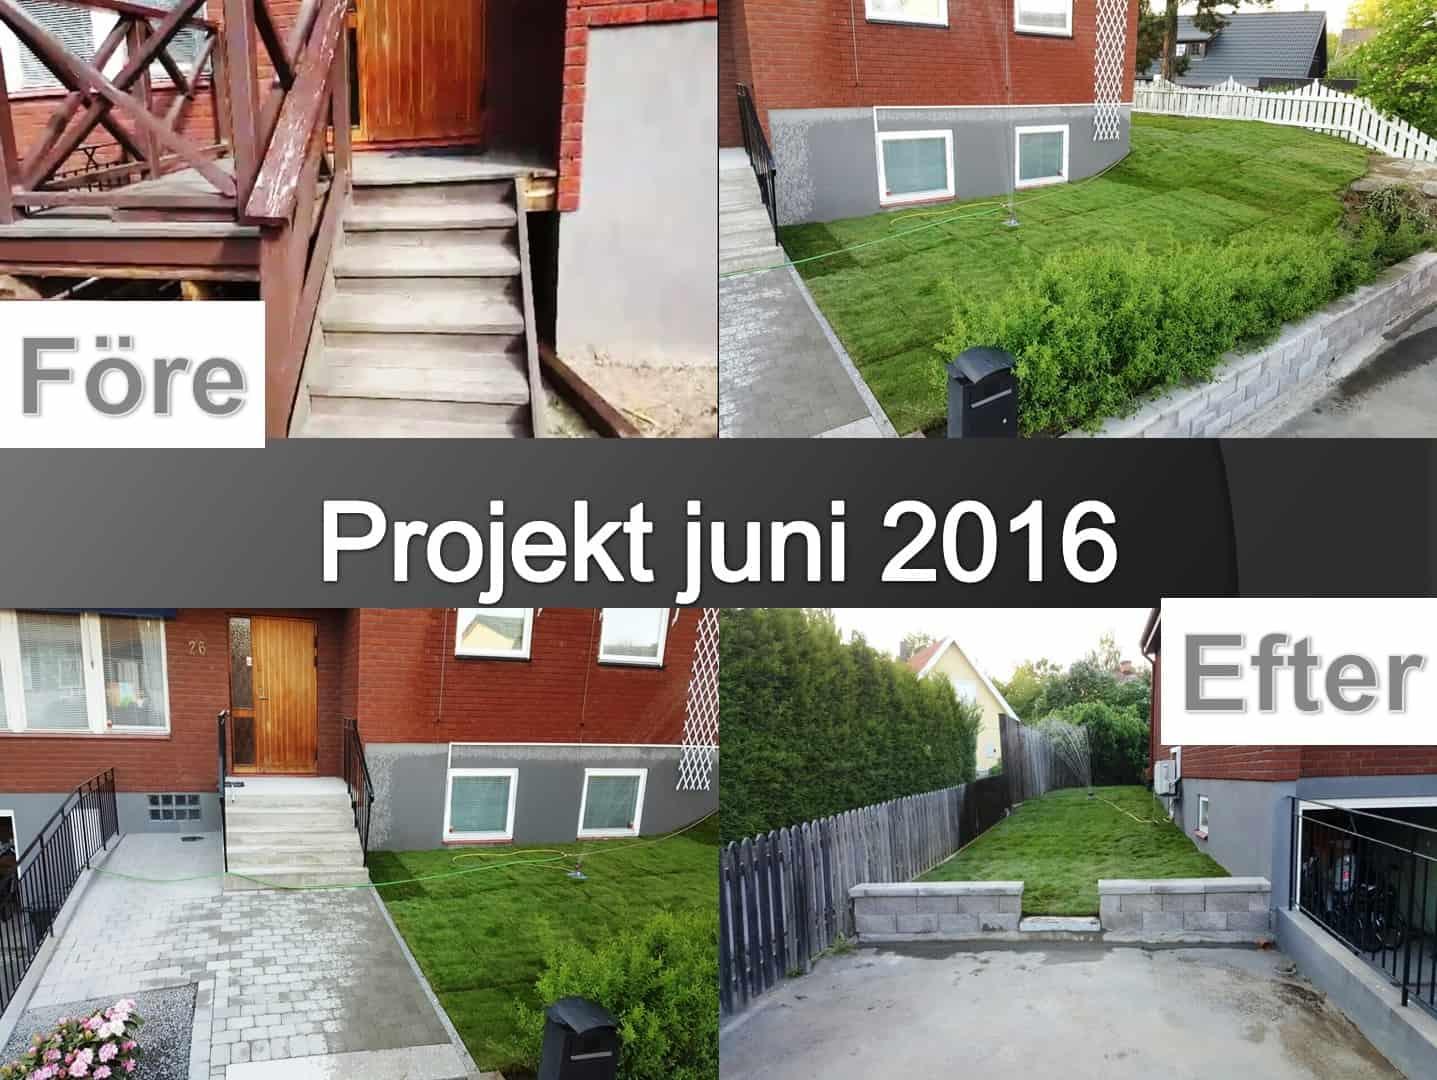 """Referensjobb """"Murarbete_trapparbete_Stensättning_gräsanläggning"""" utfört av Gröna Bussen AB"""